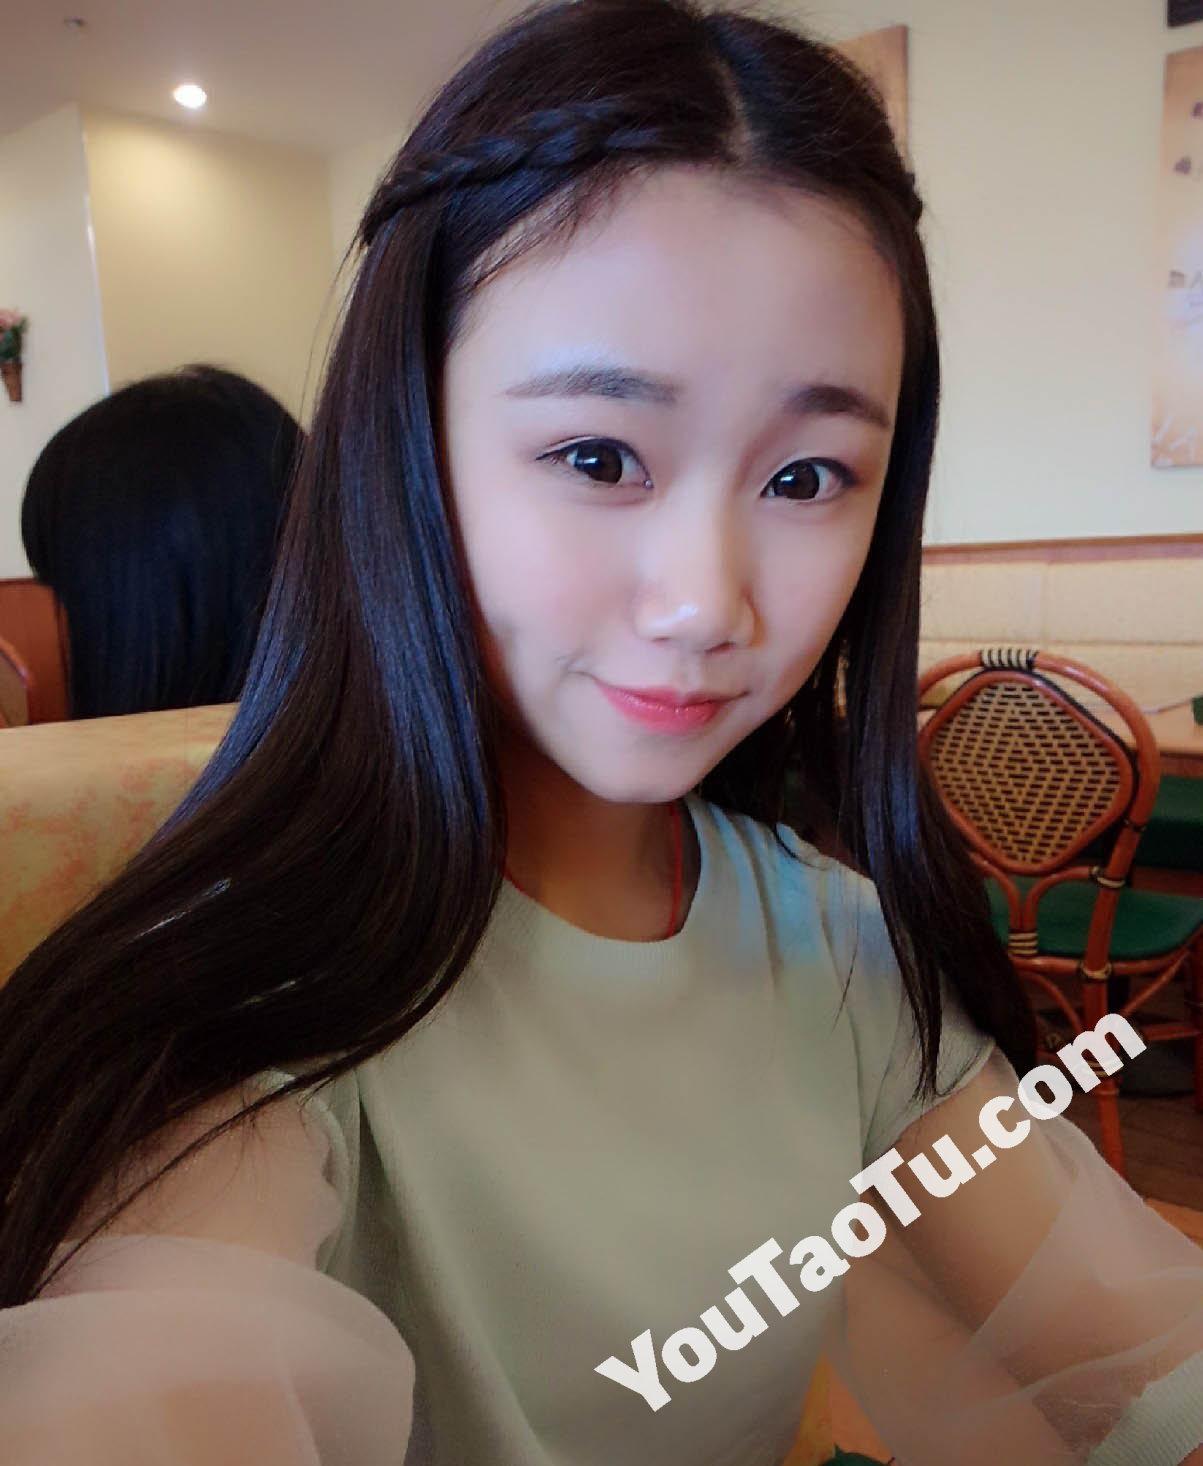 KK75_106张 超真实美女朋友圈生活照素材-14